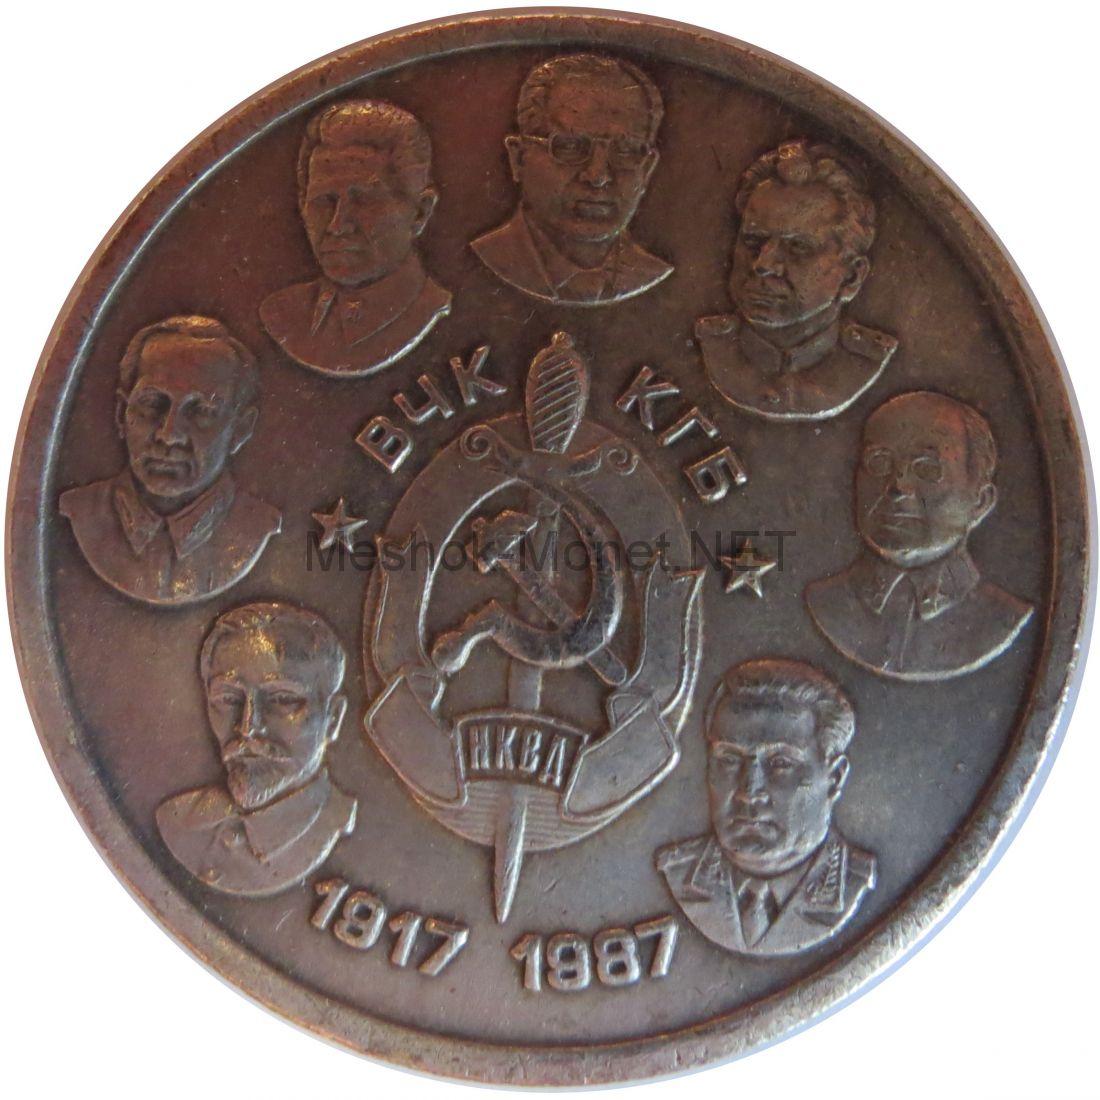 Копия Настольная медаль ВЧК КГБ НКВД 1917-1987